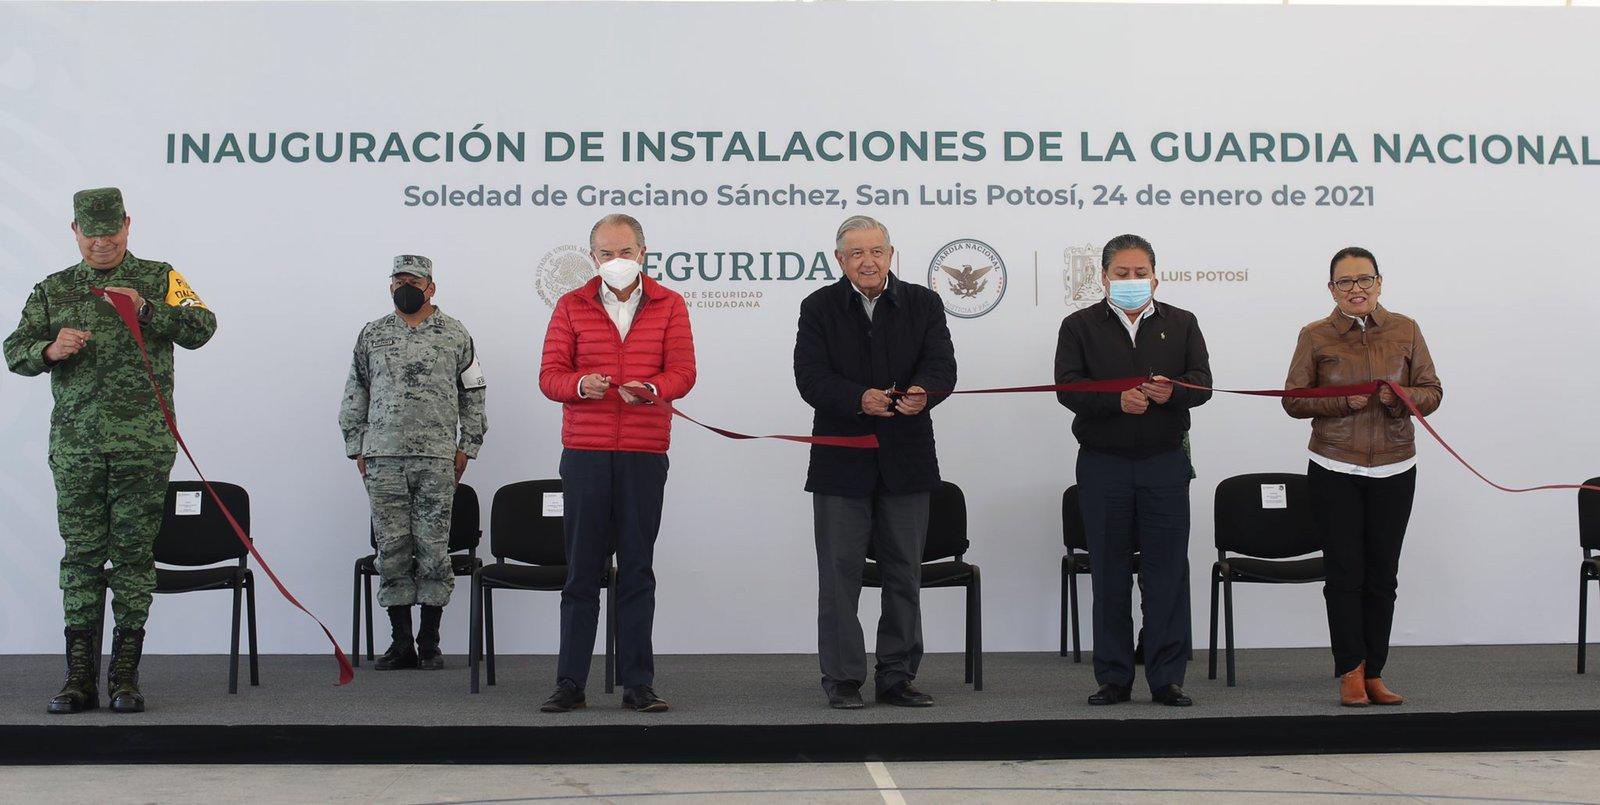 Tras visita de AMLO a San Luis Potosí, gobernador da negativo a COVID-19